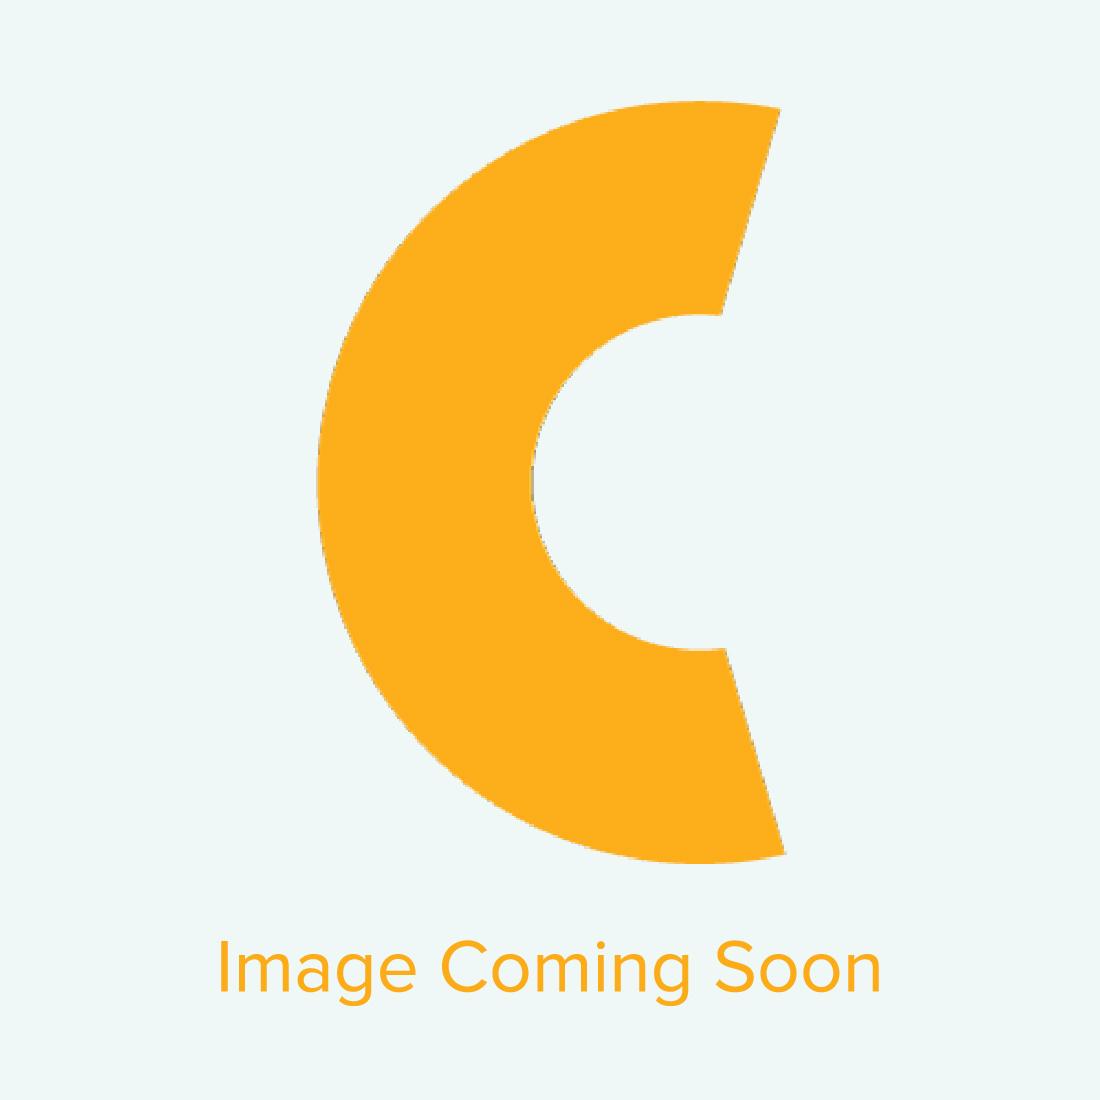 ImageClip Koncert Tees - Self-Weeding Laser Heat Transfer Paper